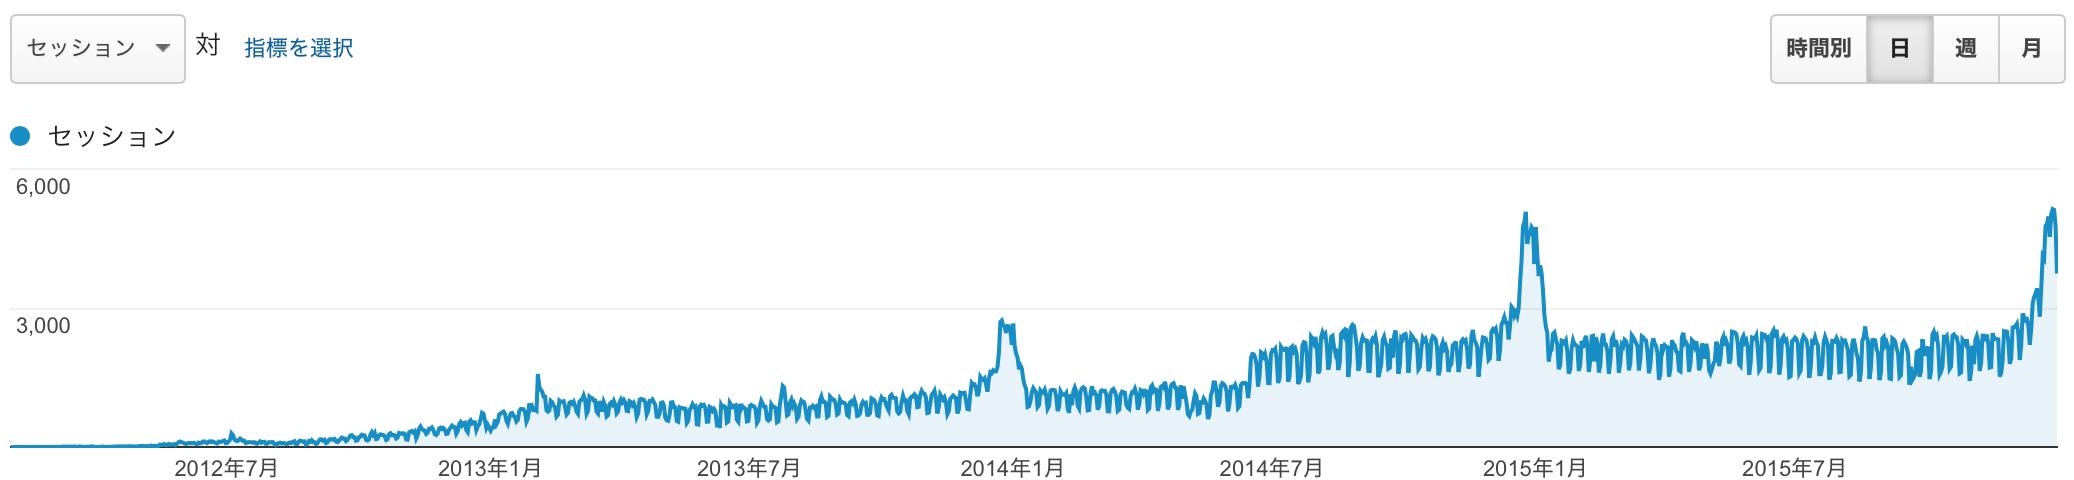 2012 年 2 月から、2015 年 12 月いっぱいまでのアクセス